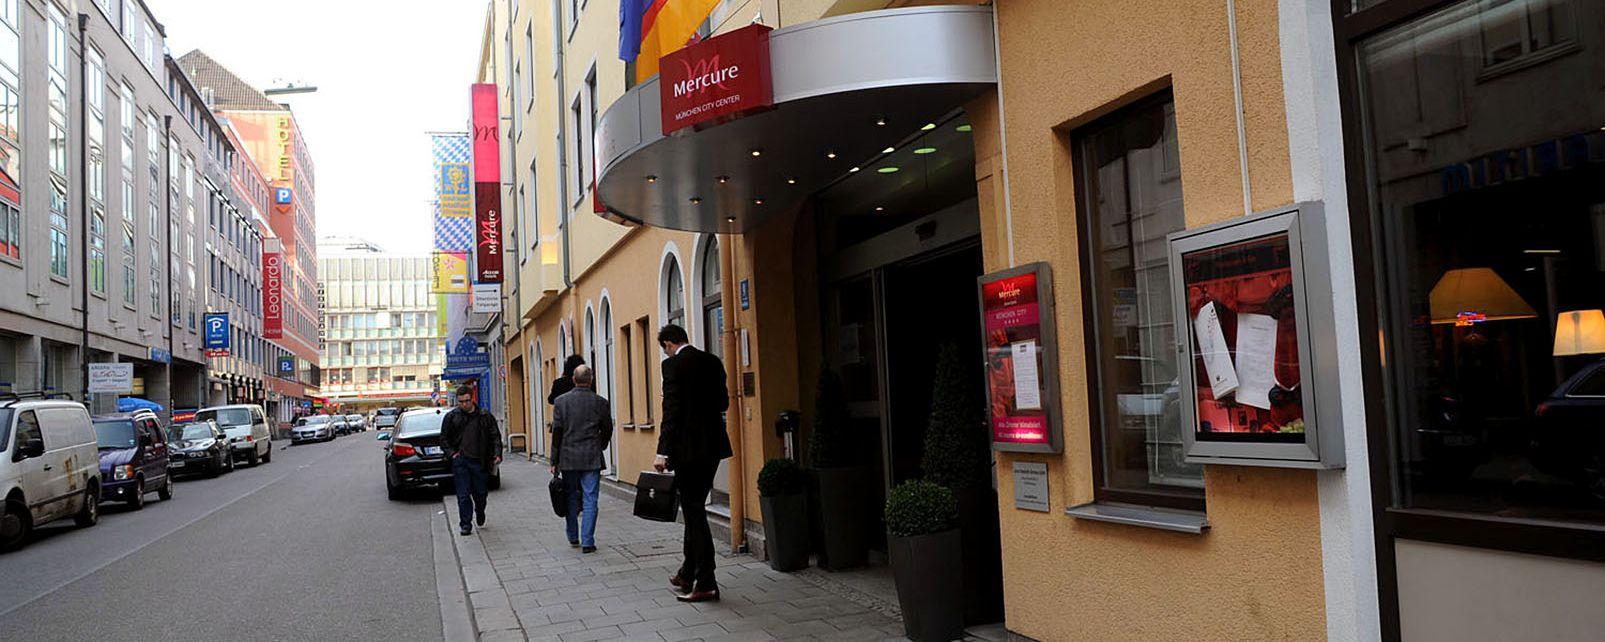 Hotel Mercure City Munich Hotel